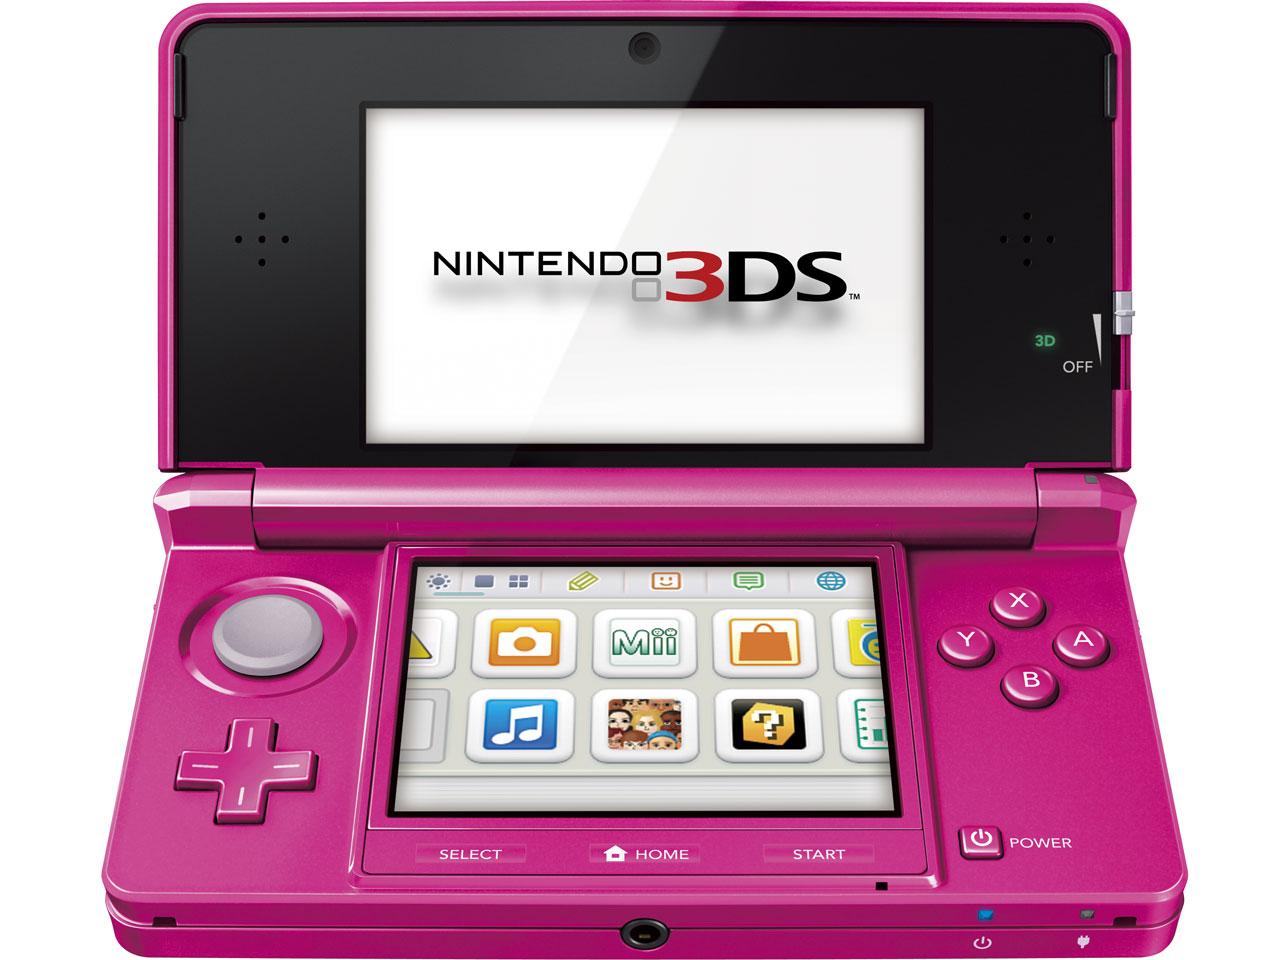 ニンテンドー3DS グロスピンク の製品画像